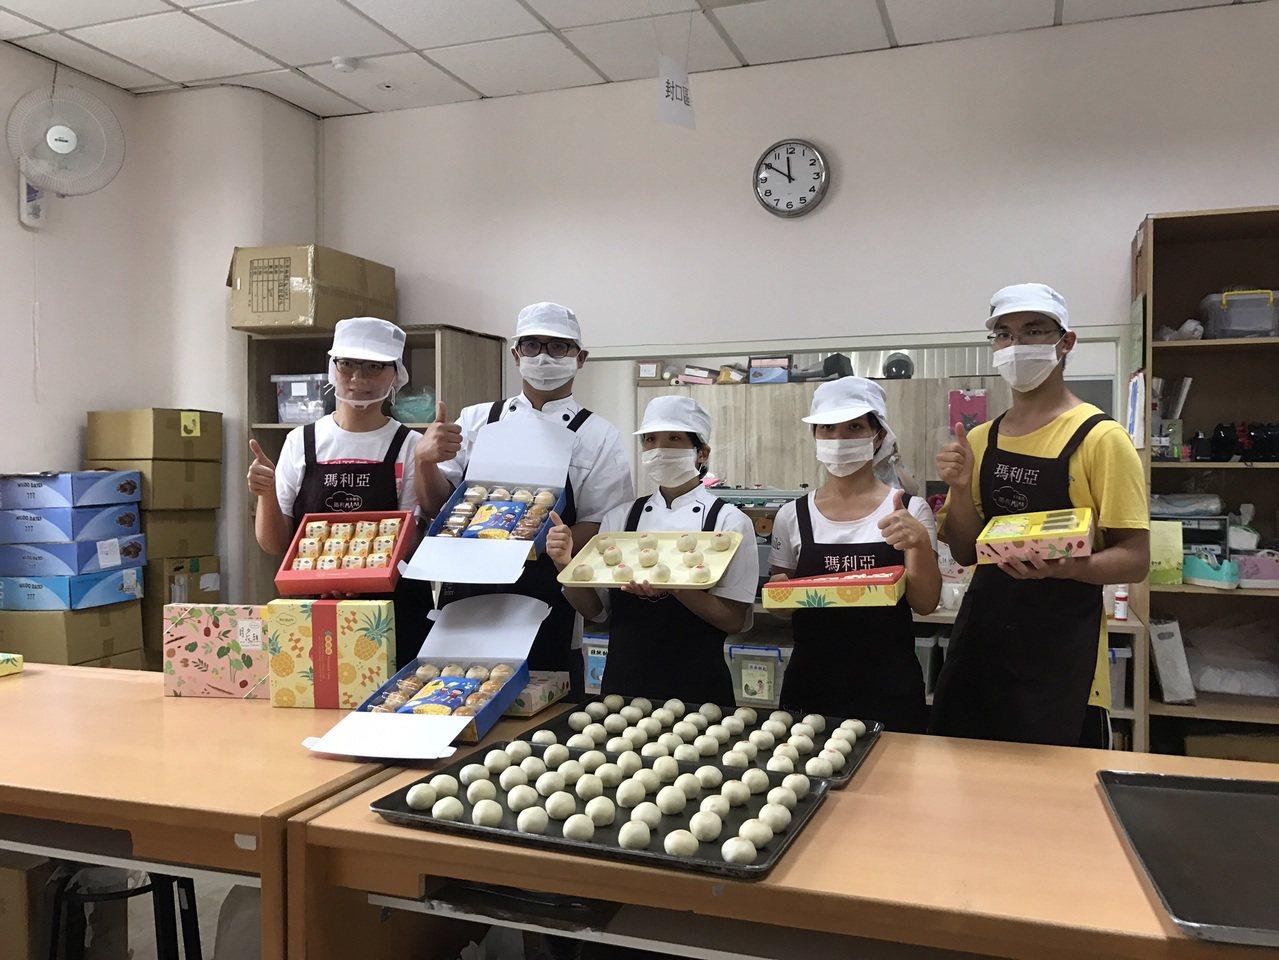 瑪利亞基金會今年推出3款中秋月餅禮盒,所得要用來作為擴園建校的經費。 記者喻文玟...